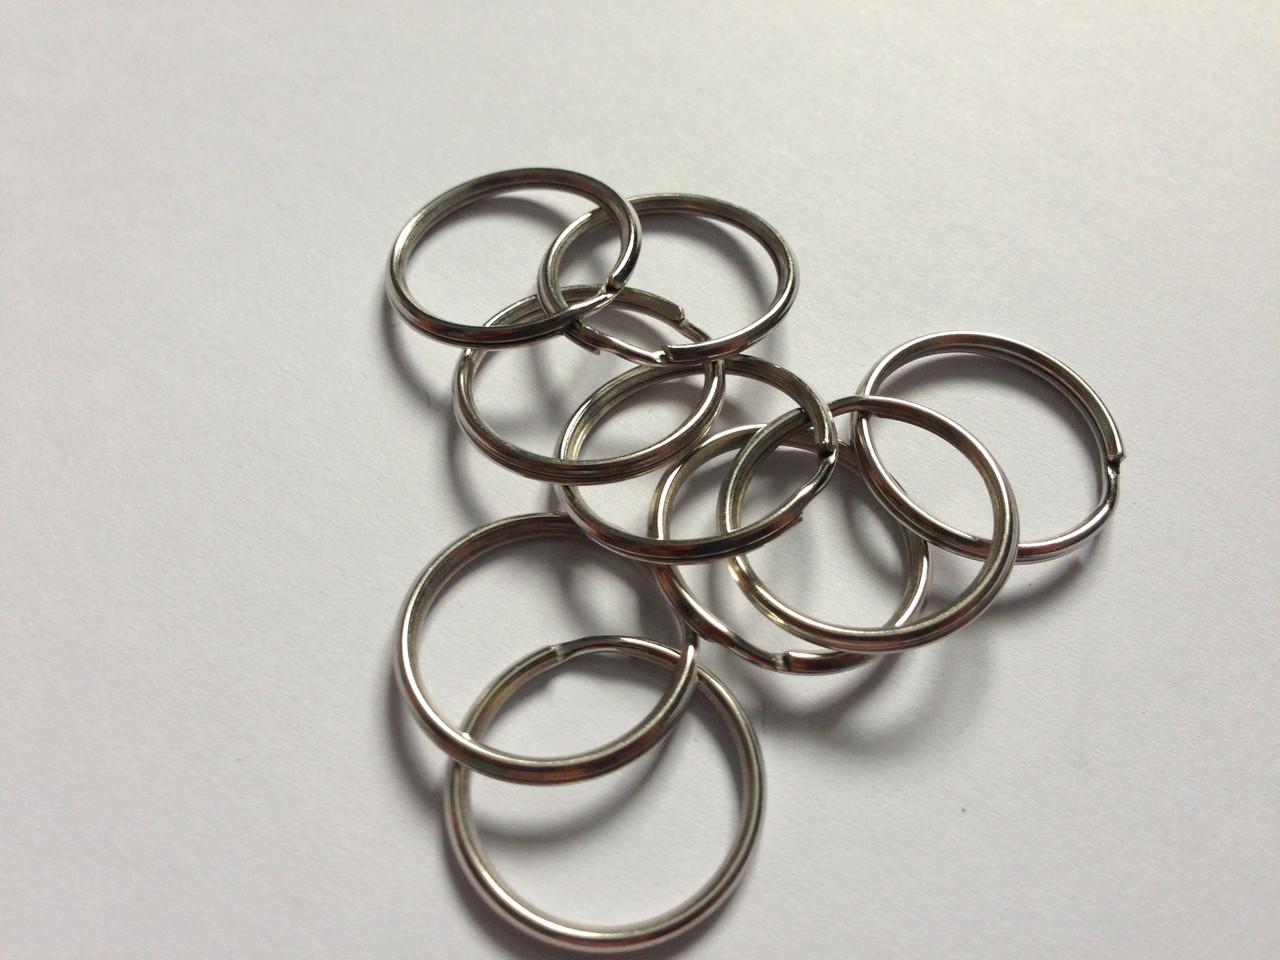 Кольцо металлическое. 25мм. Качество.